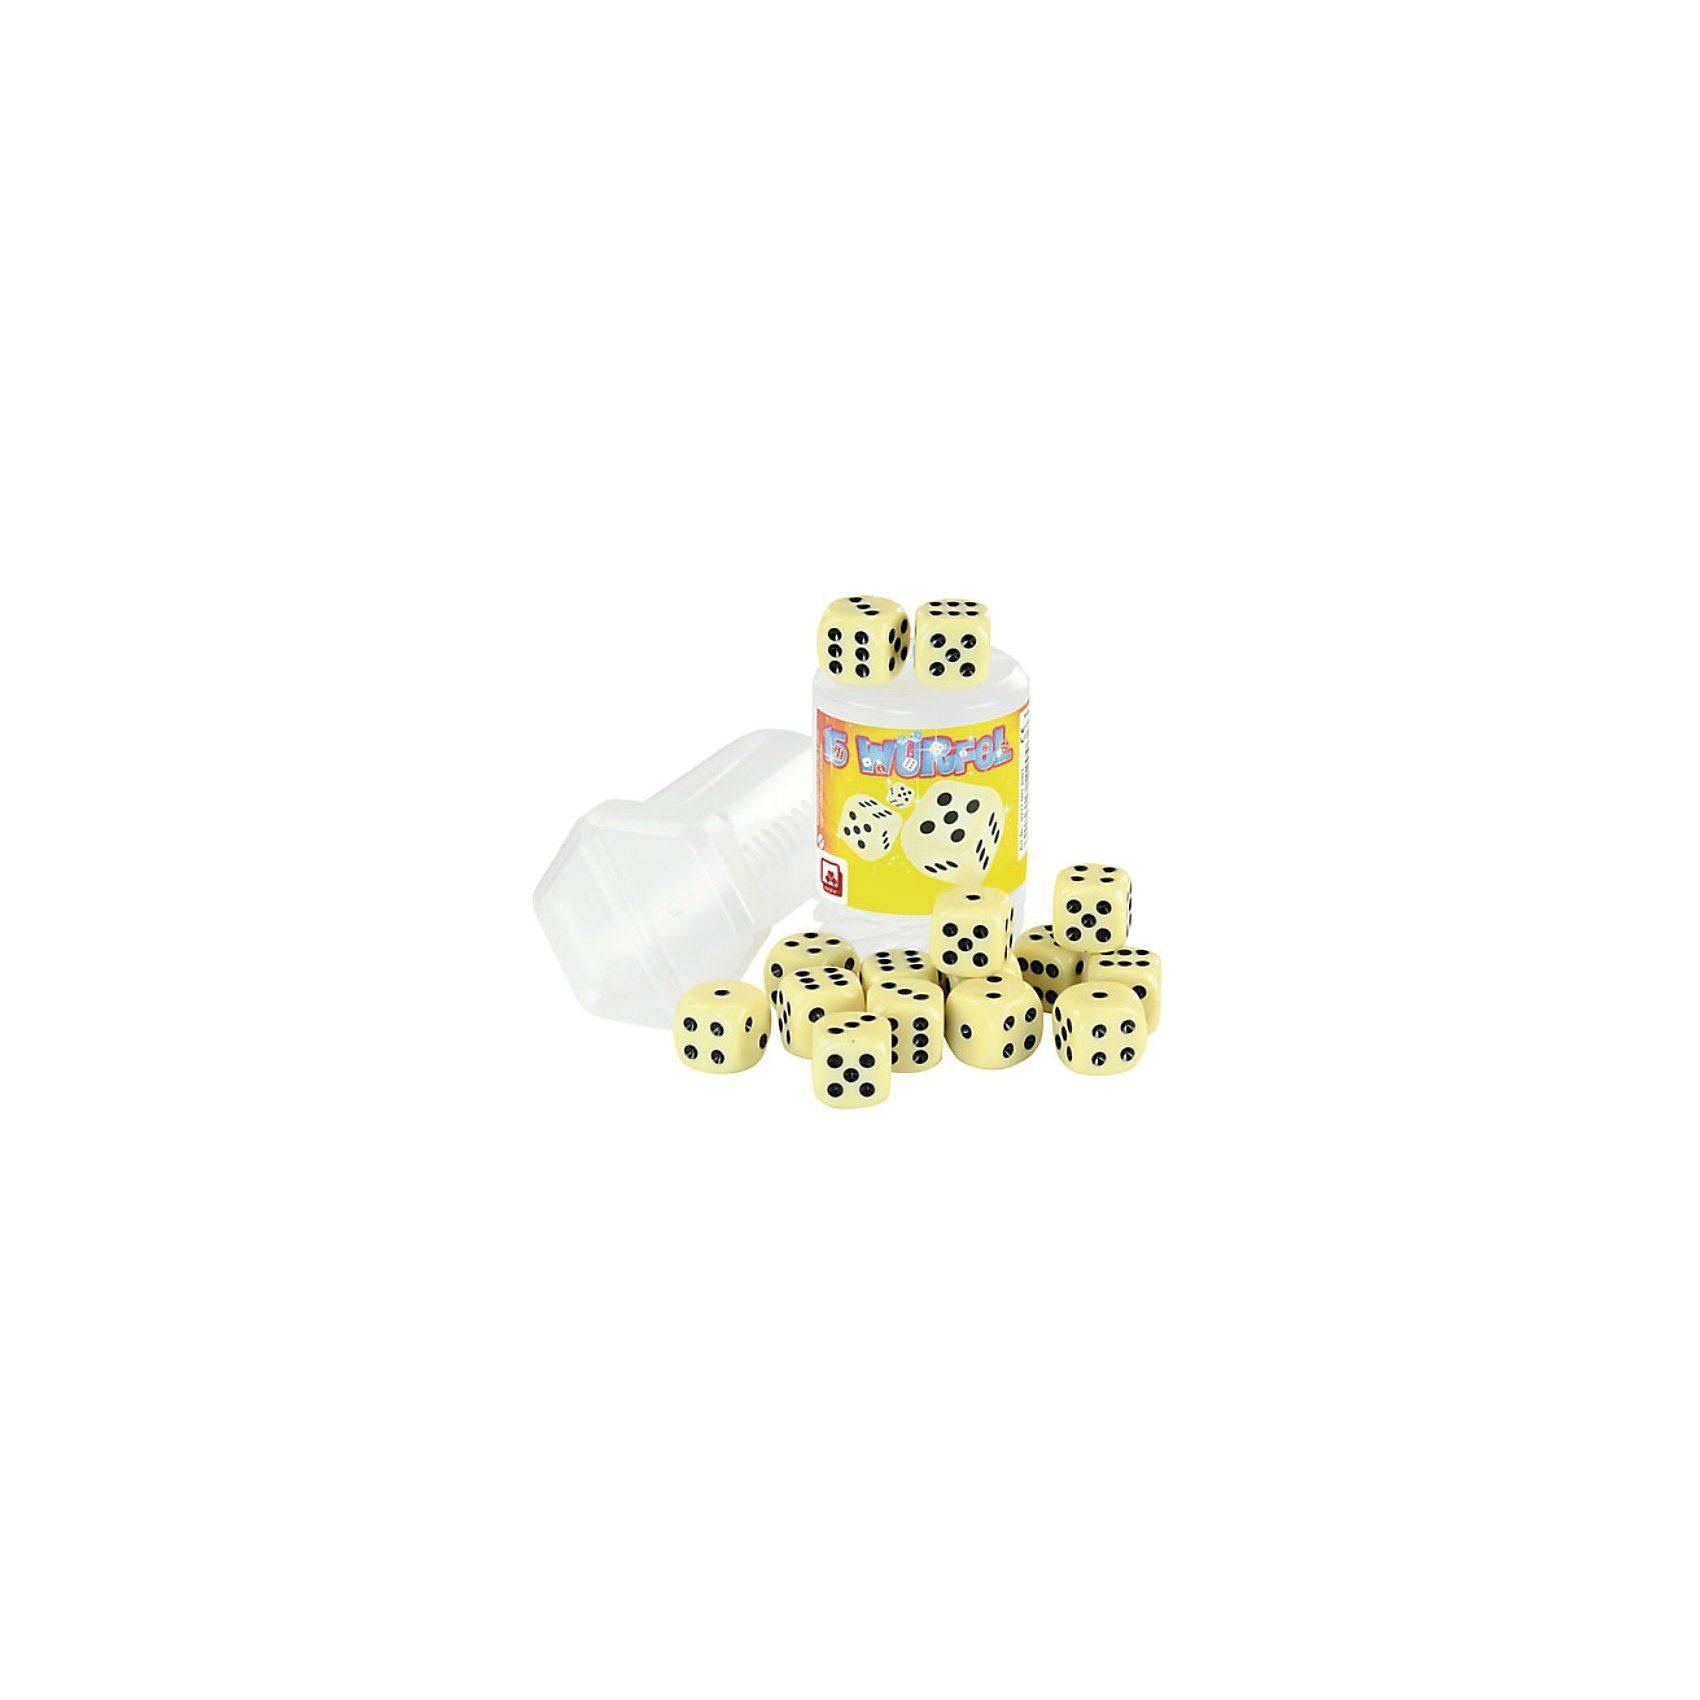 Nürnberger Spielkarten Würfel elfenbeinfarben - 15 Stück, 16mm